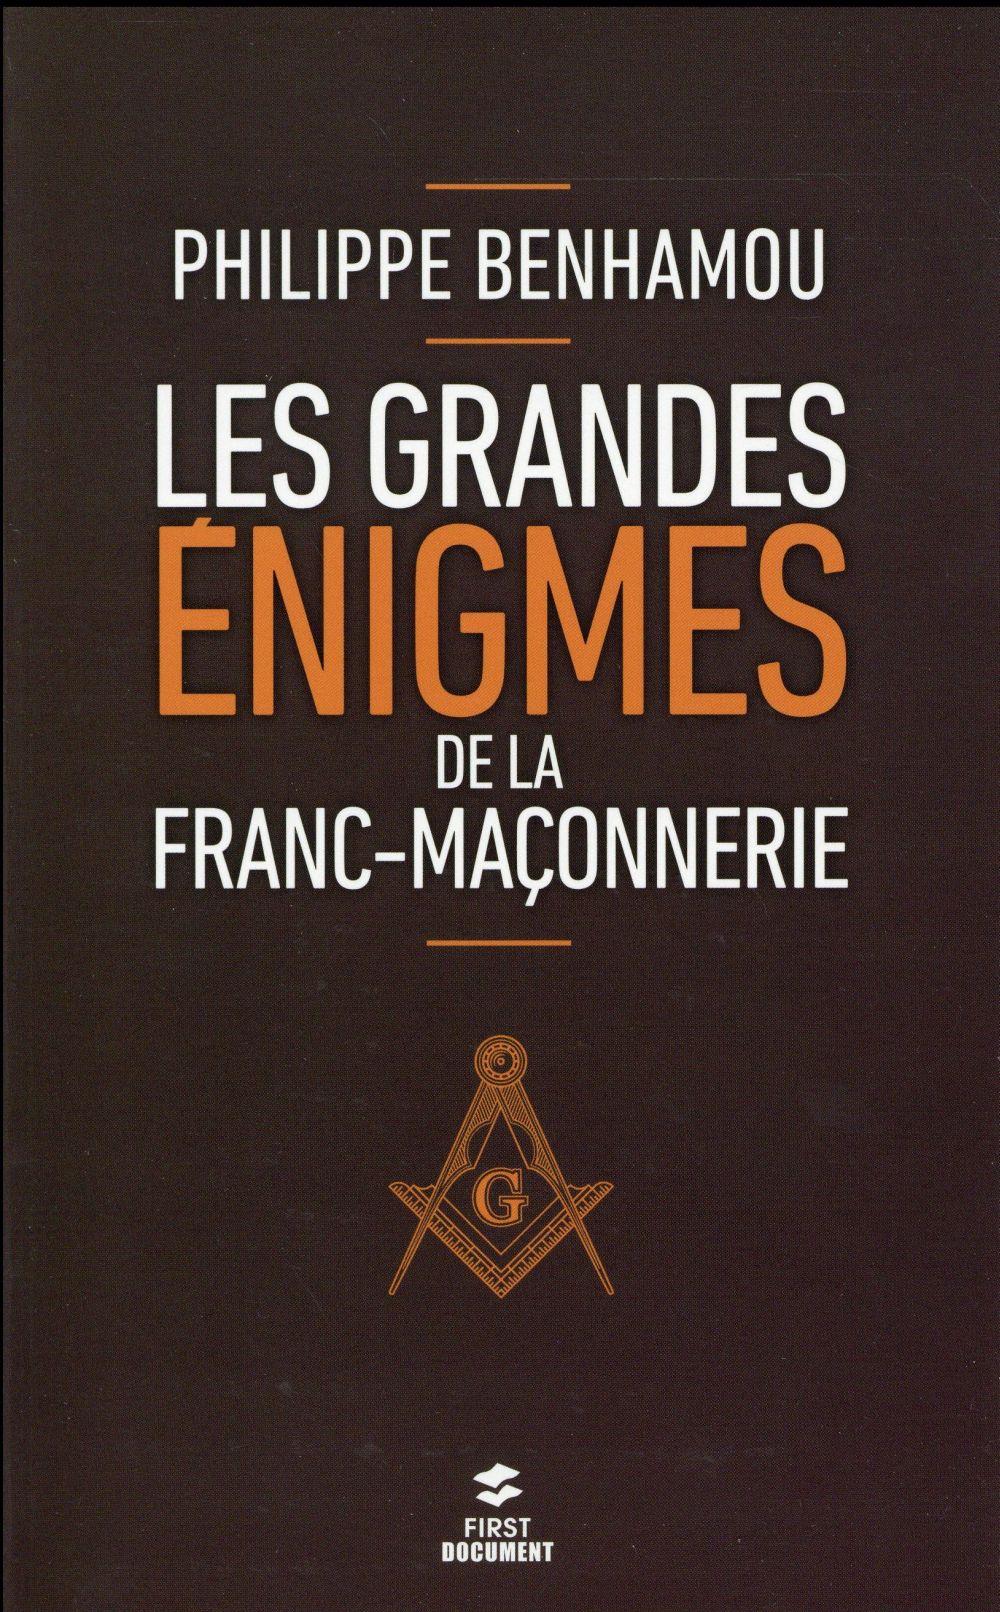 Les grandes énigmes de la franc-maçonnerie (2e édition)